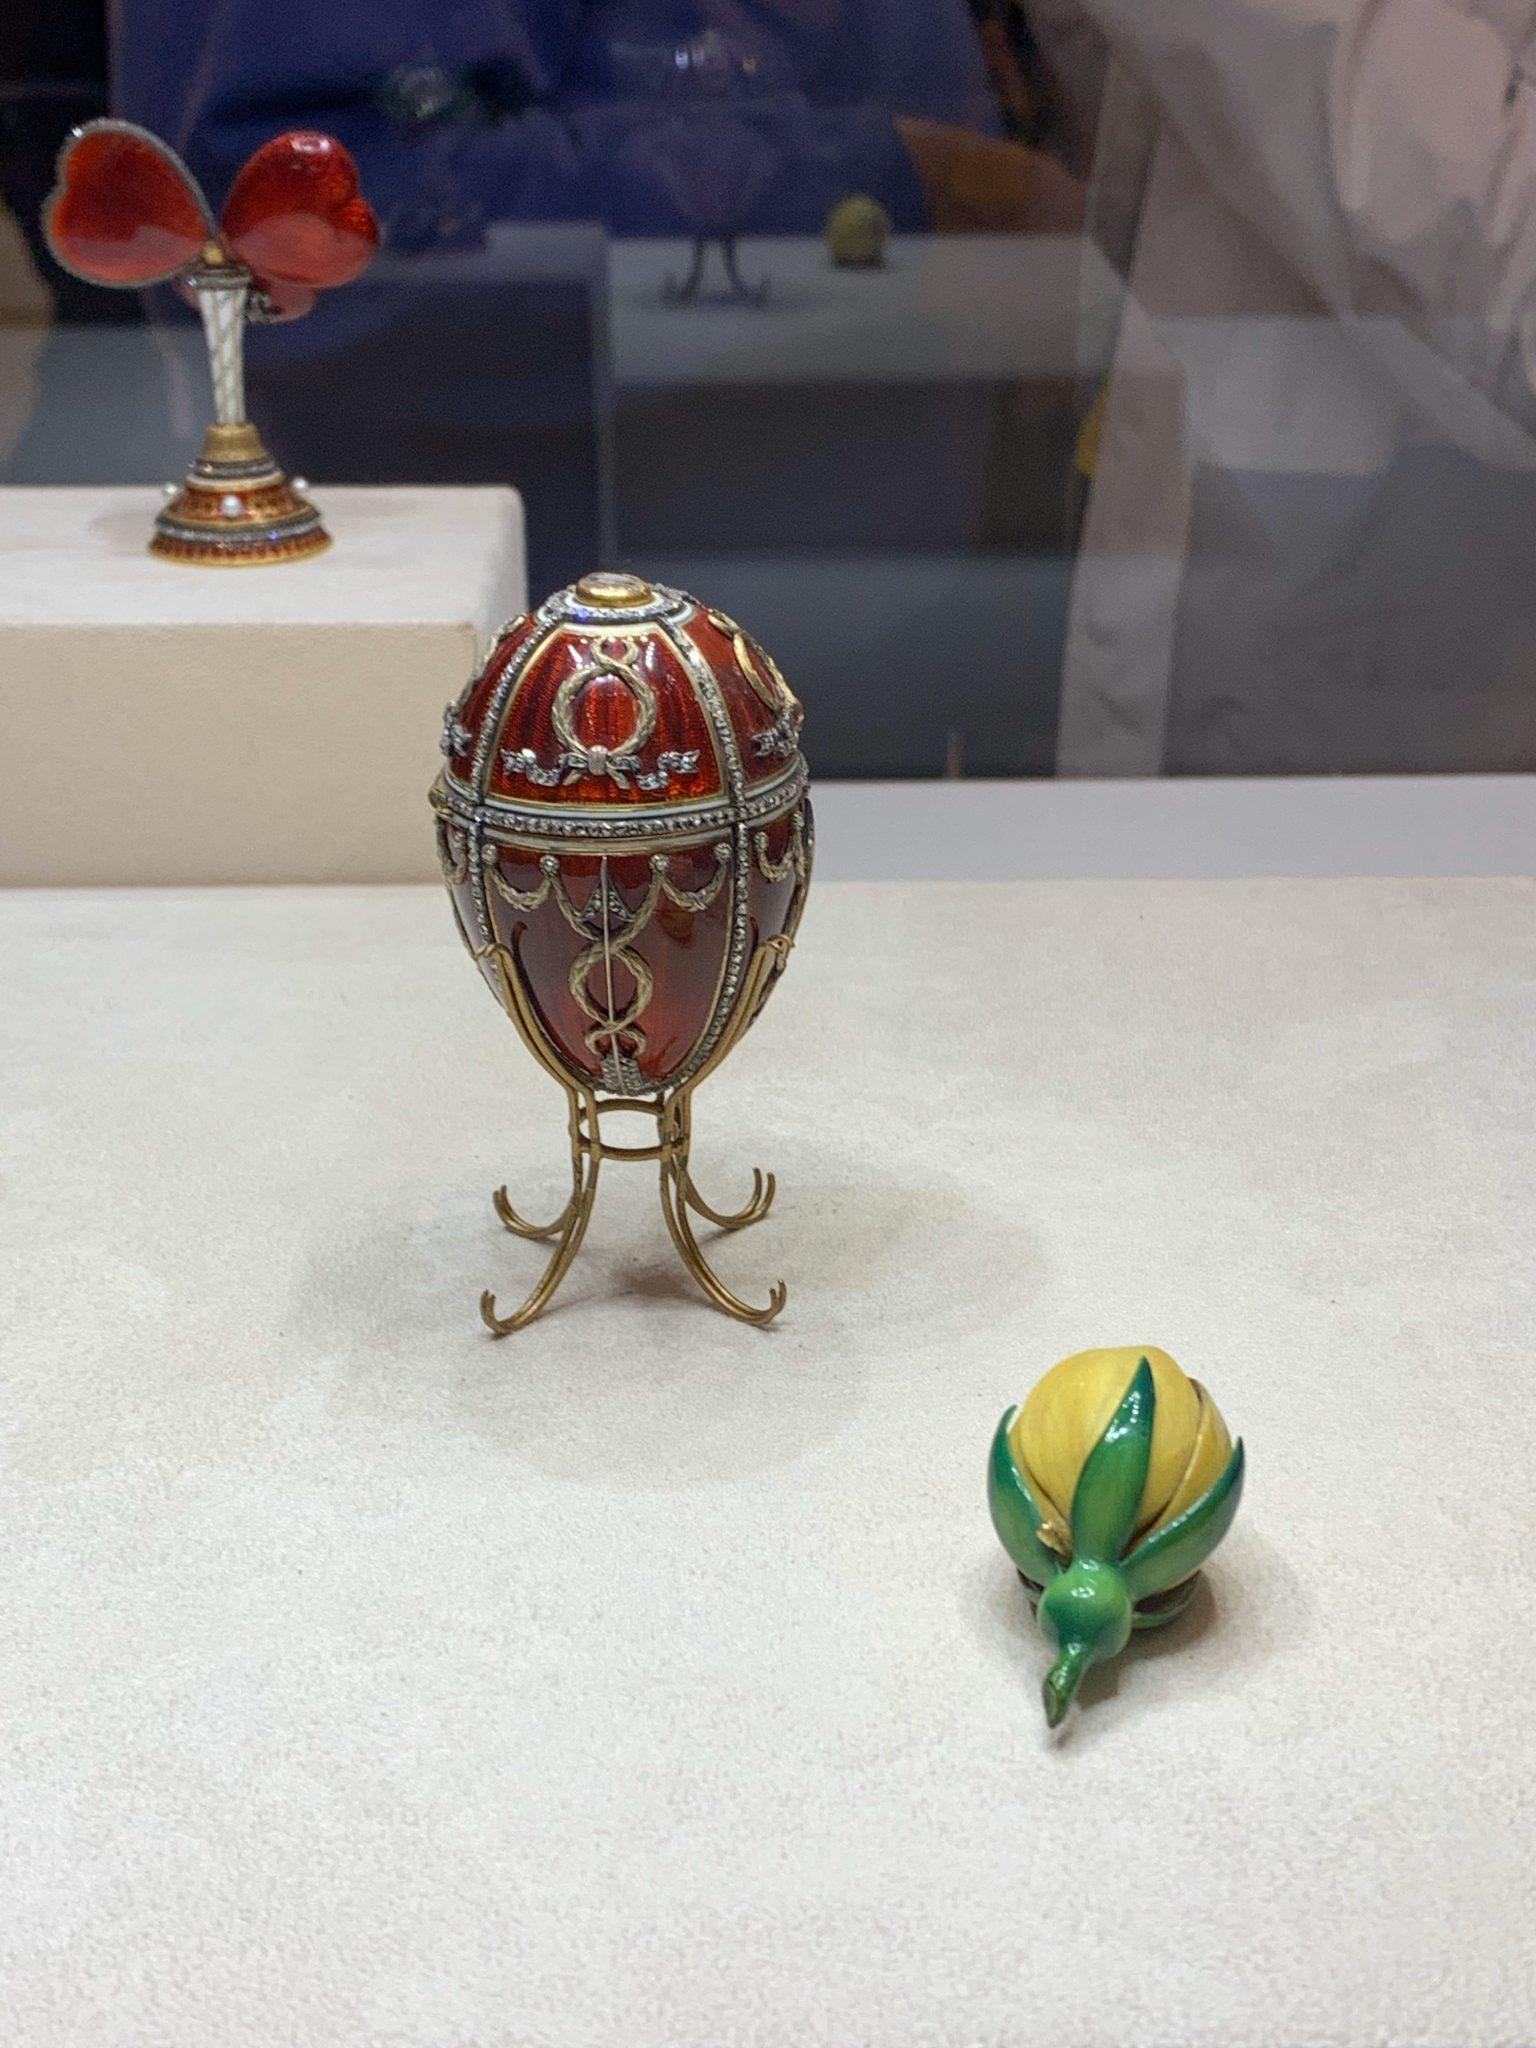 Rosebug Fabergé